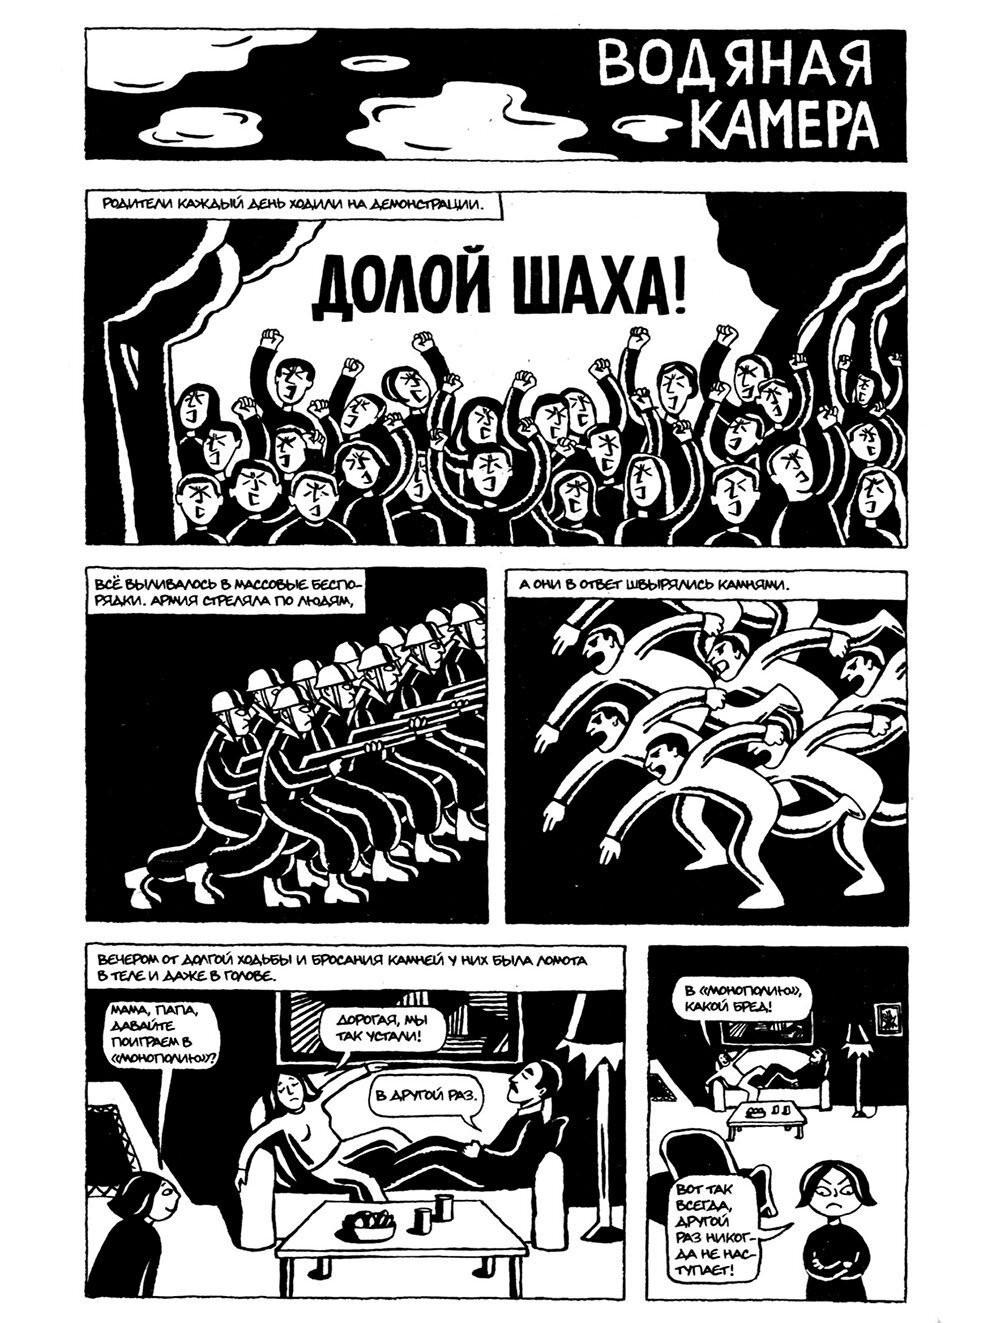 Исторический комикс Персеполис, Маржан Сатрапи. Том 1. Страница 17. Блог о комиксах Vaes Okshn